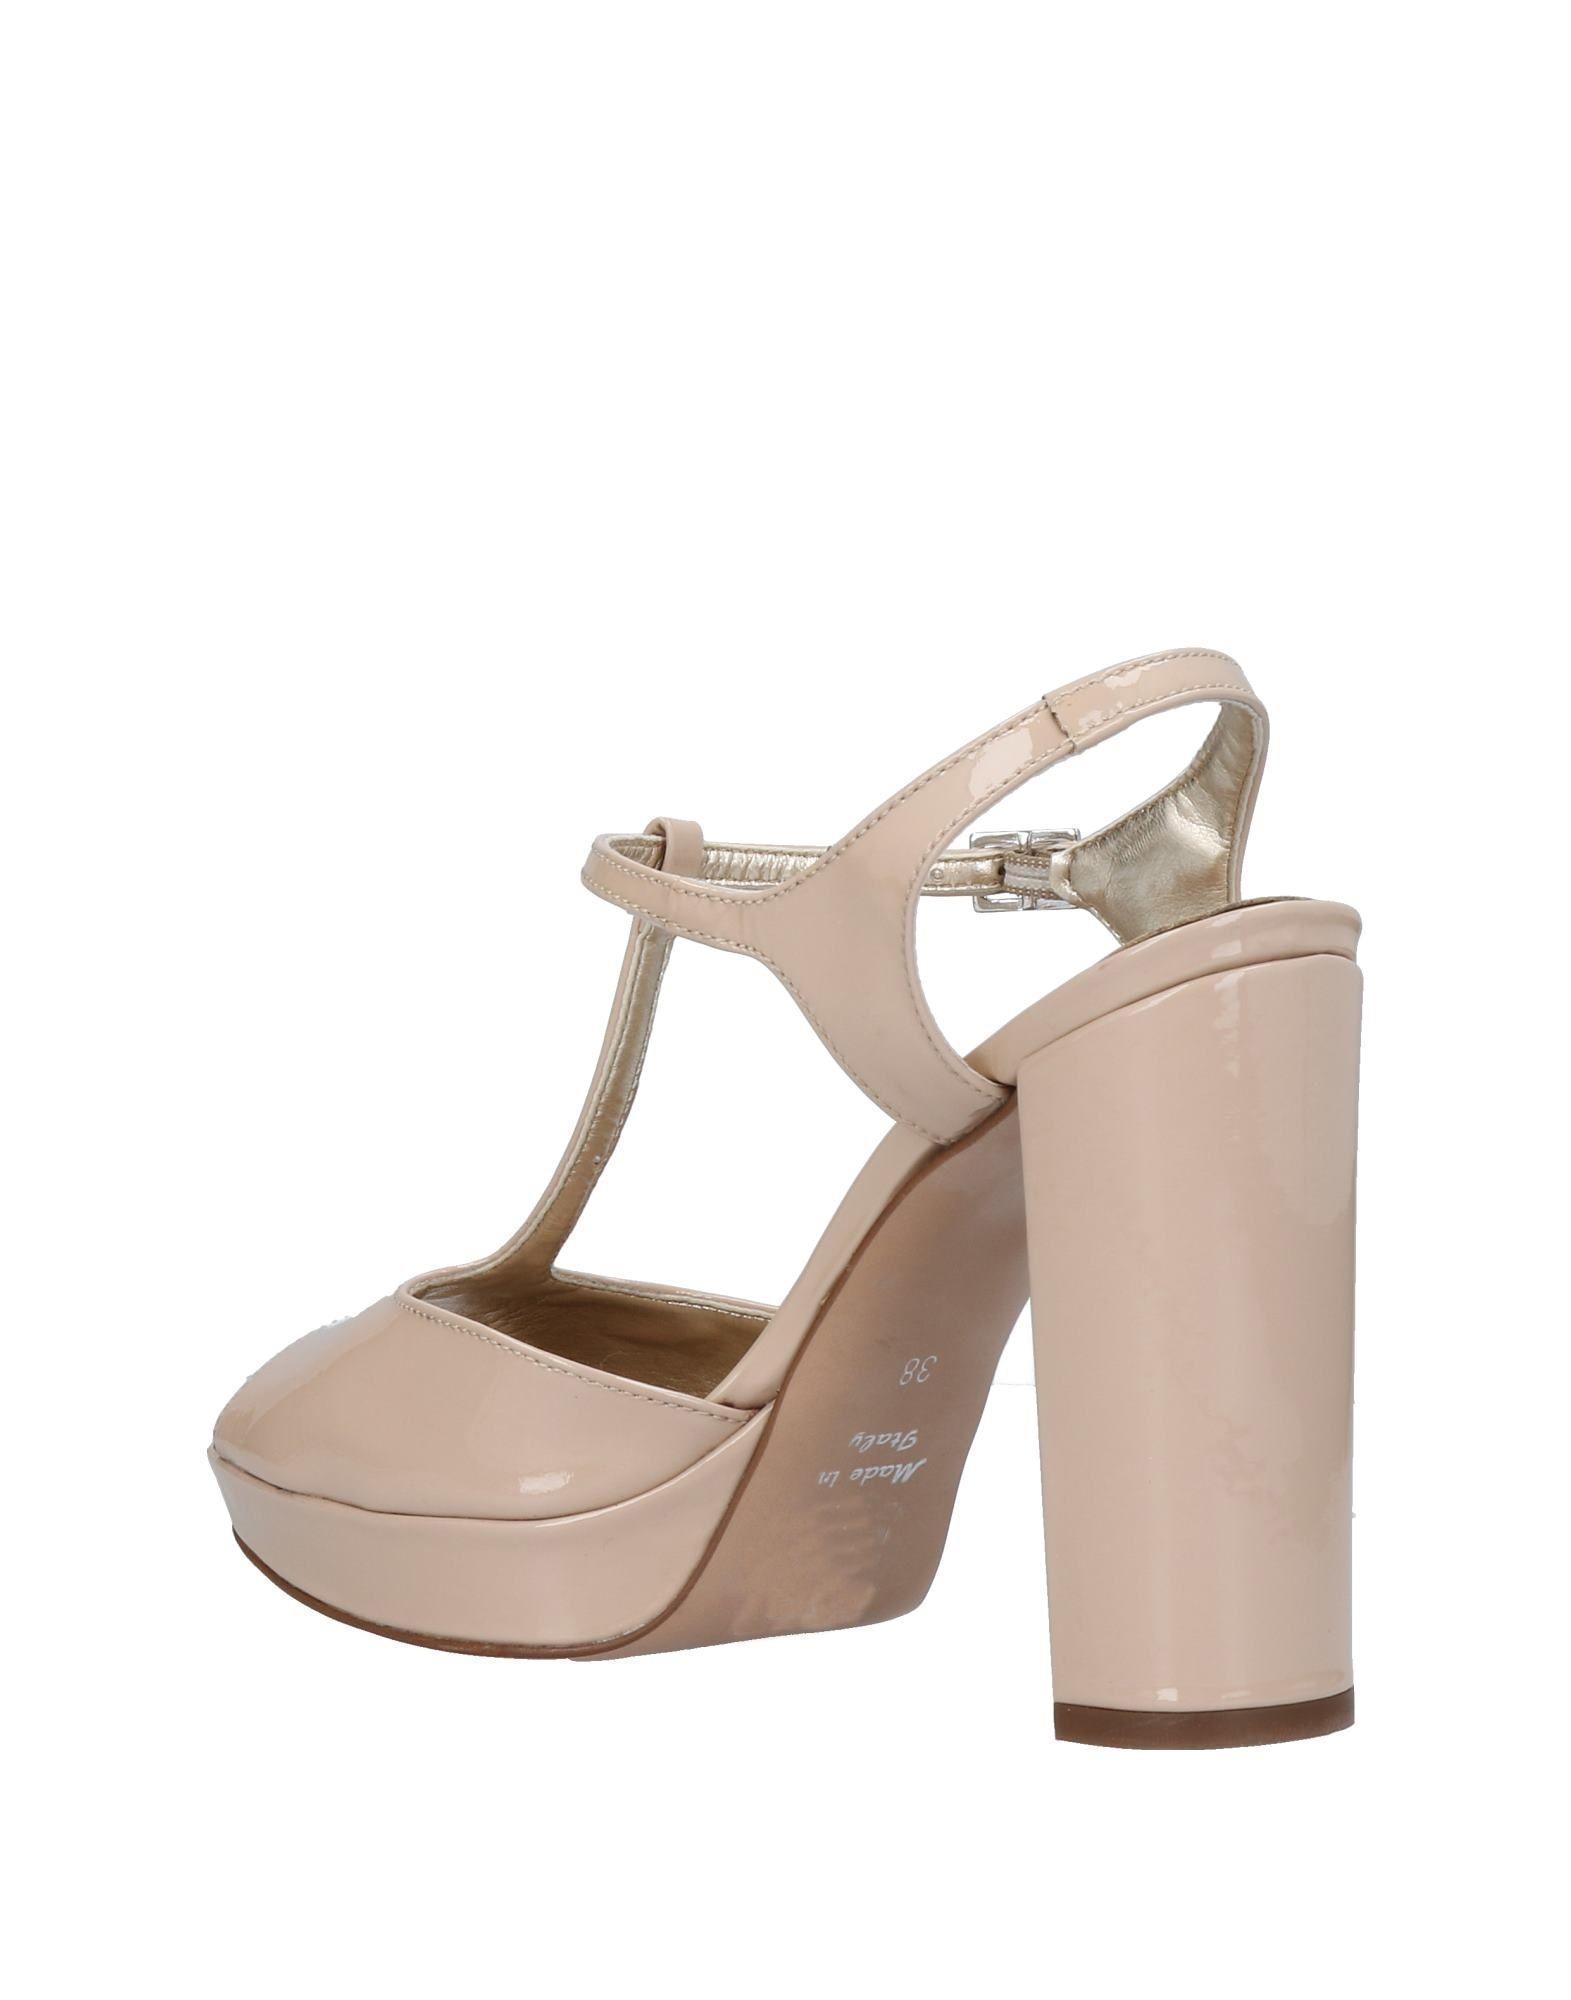 Formentini Damen Sandalen Damen Formentini  11442383DA Gute Qualität beliebte Schuhe 3f2708